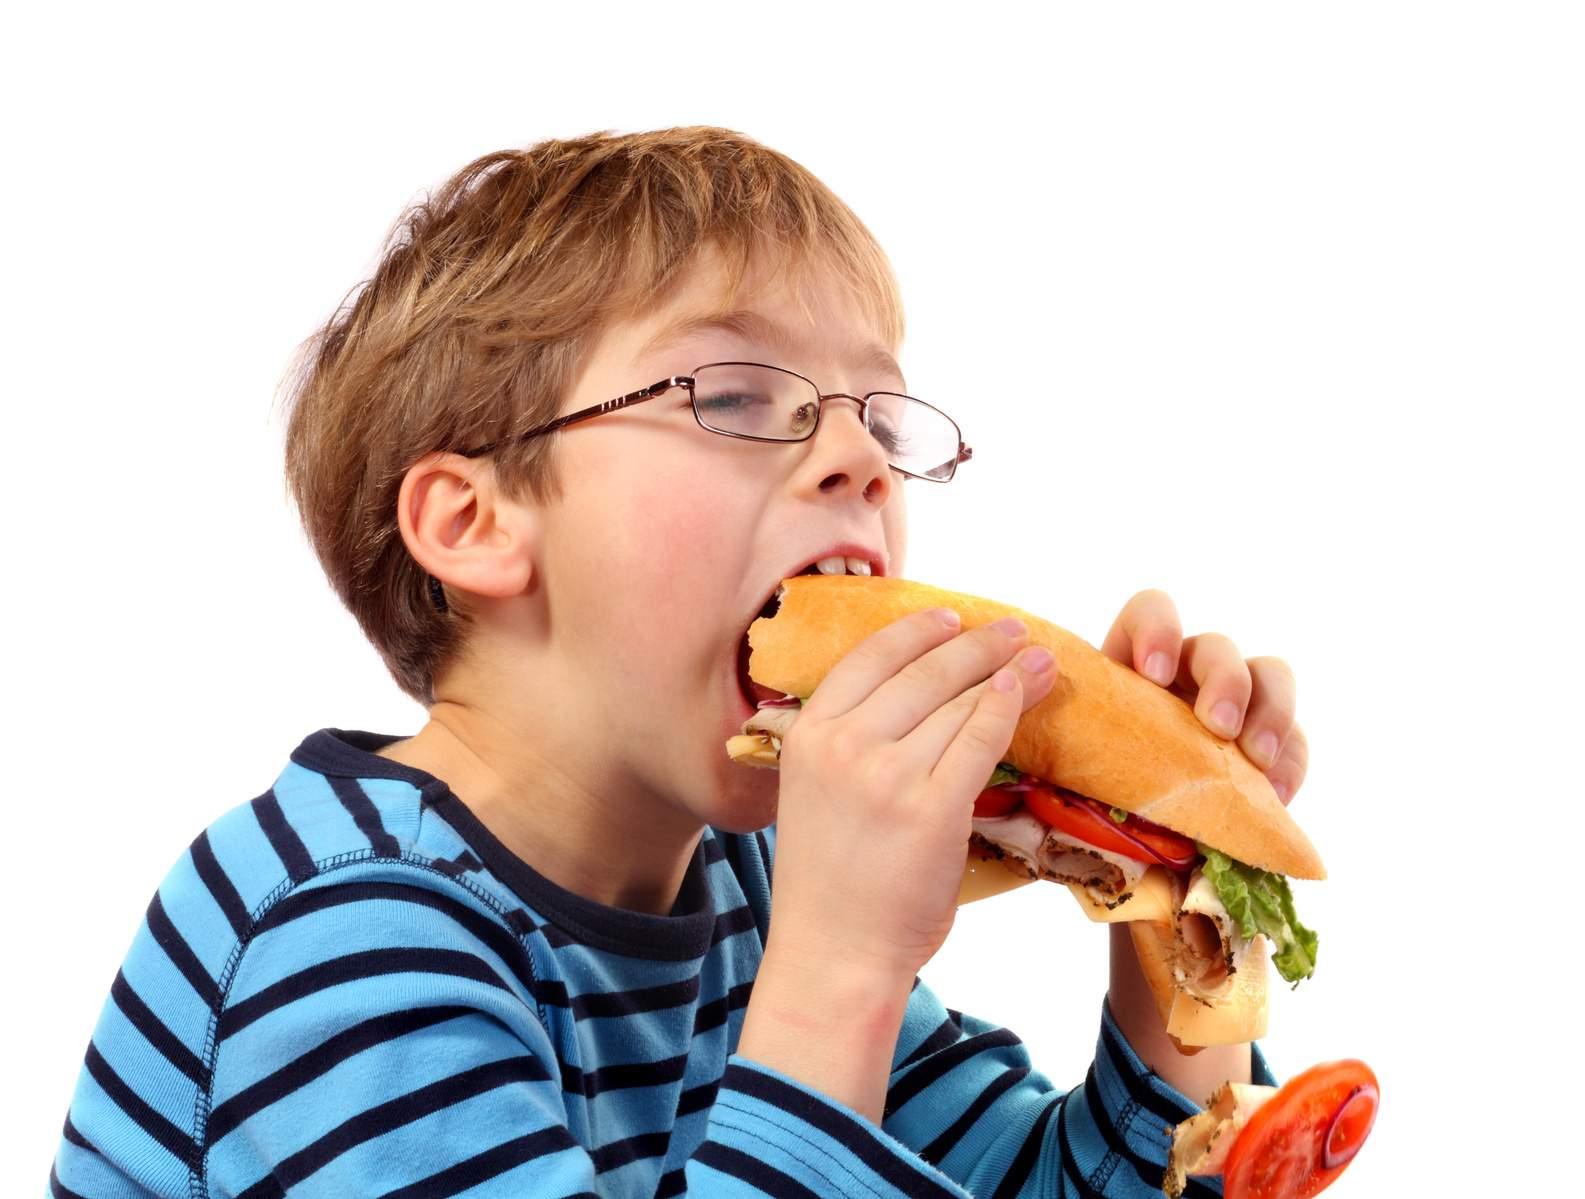 Τι να κάνετε για να χάσει βάρος το παιδί σας